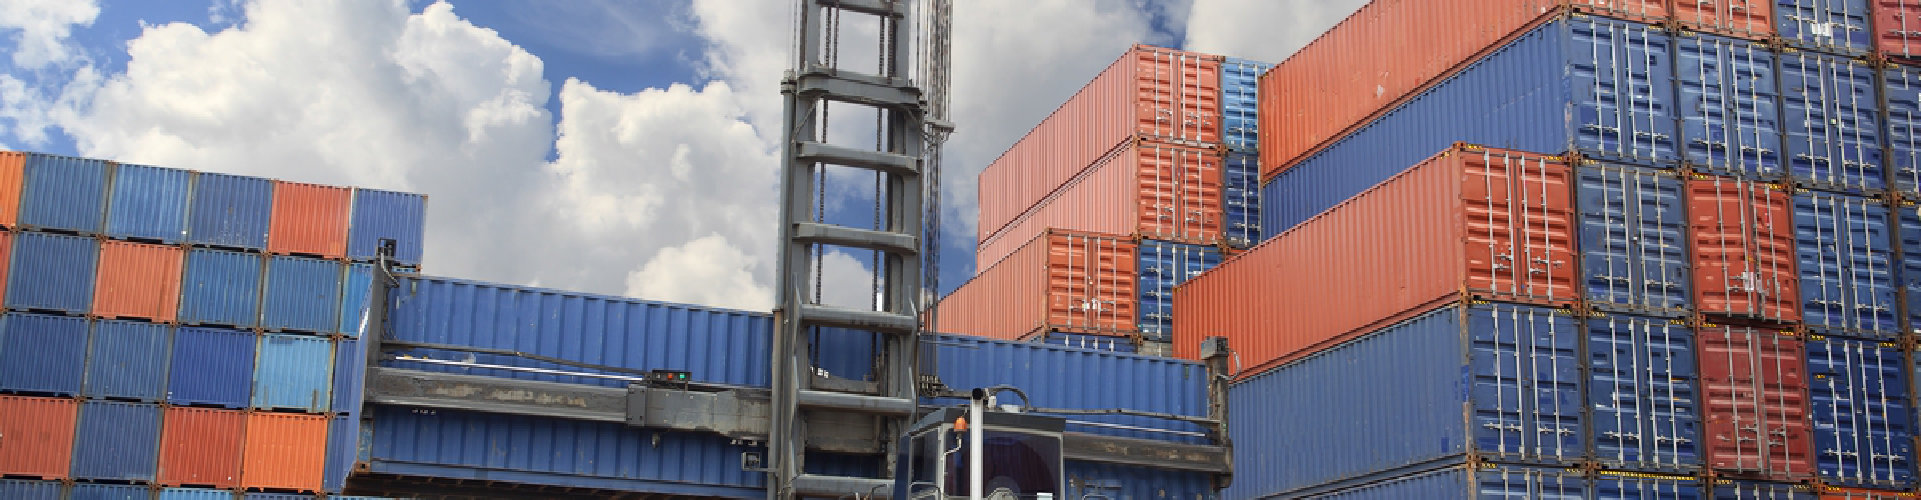 container vans